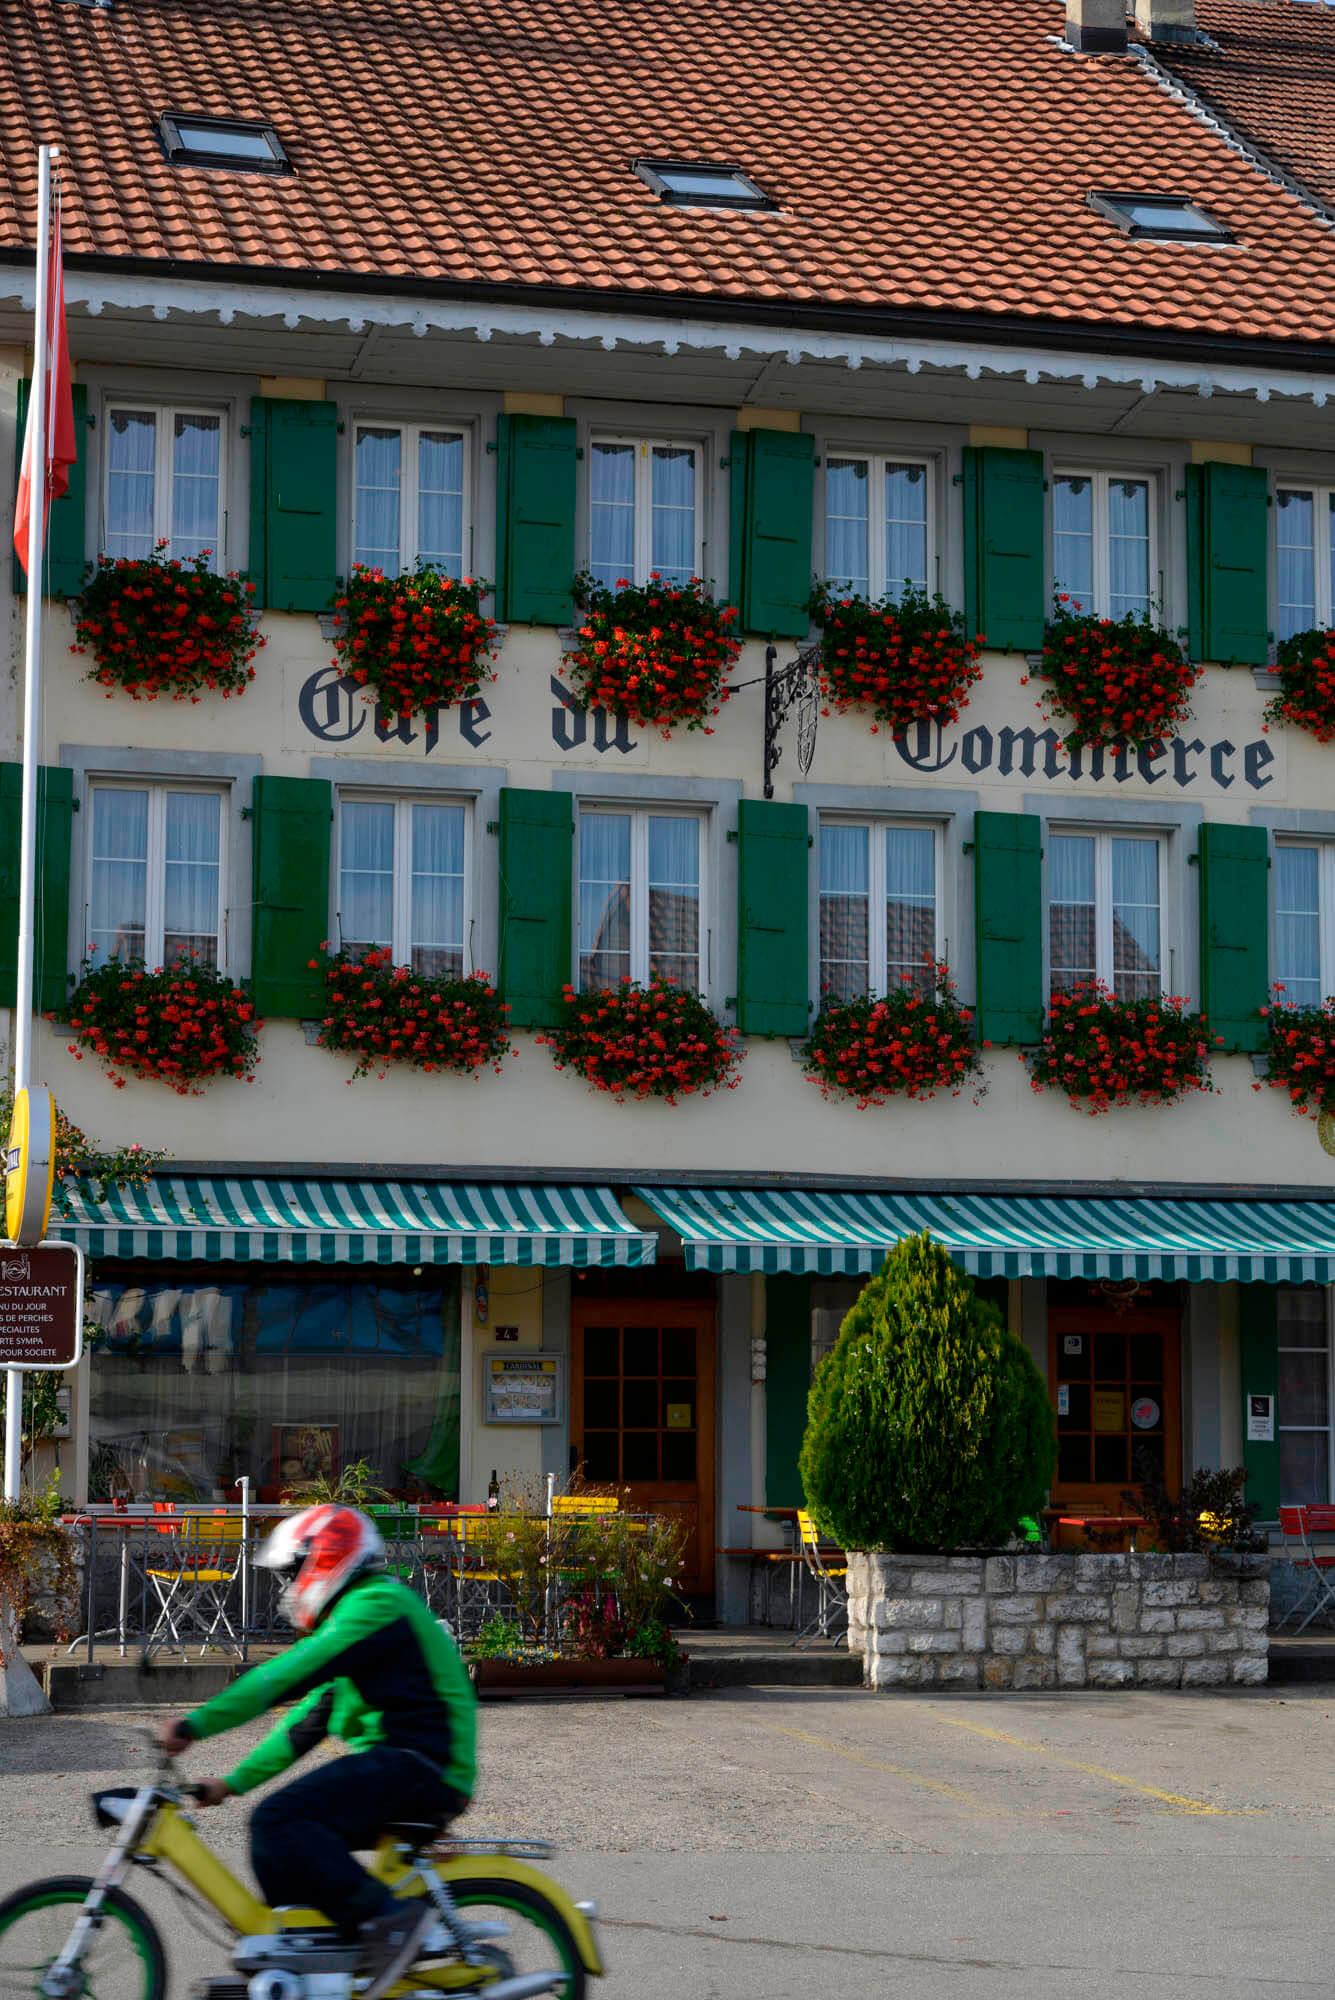 c staffelbach murtensee restaurant